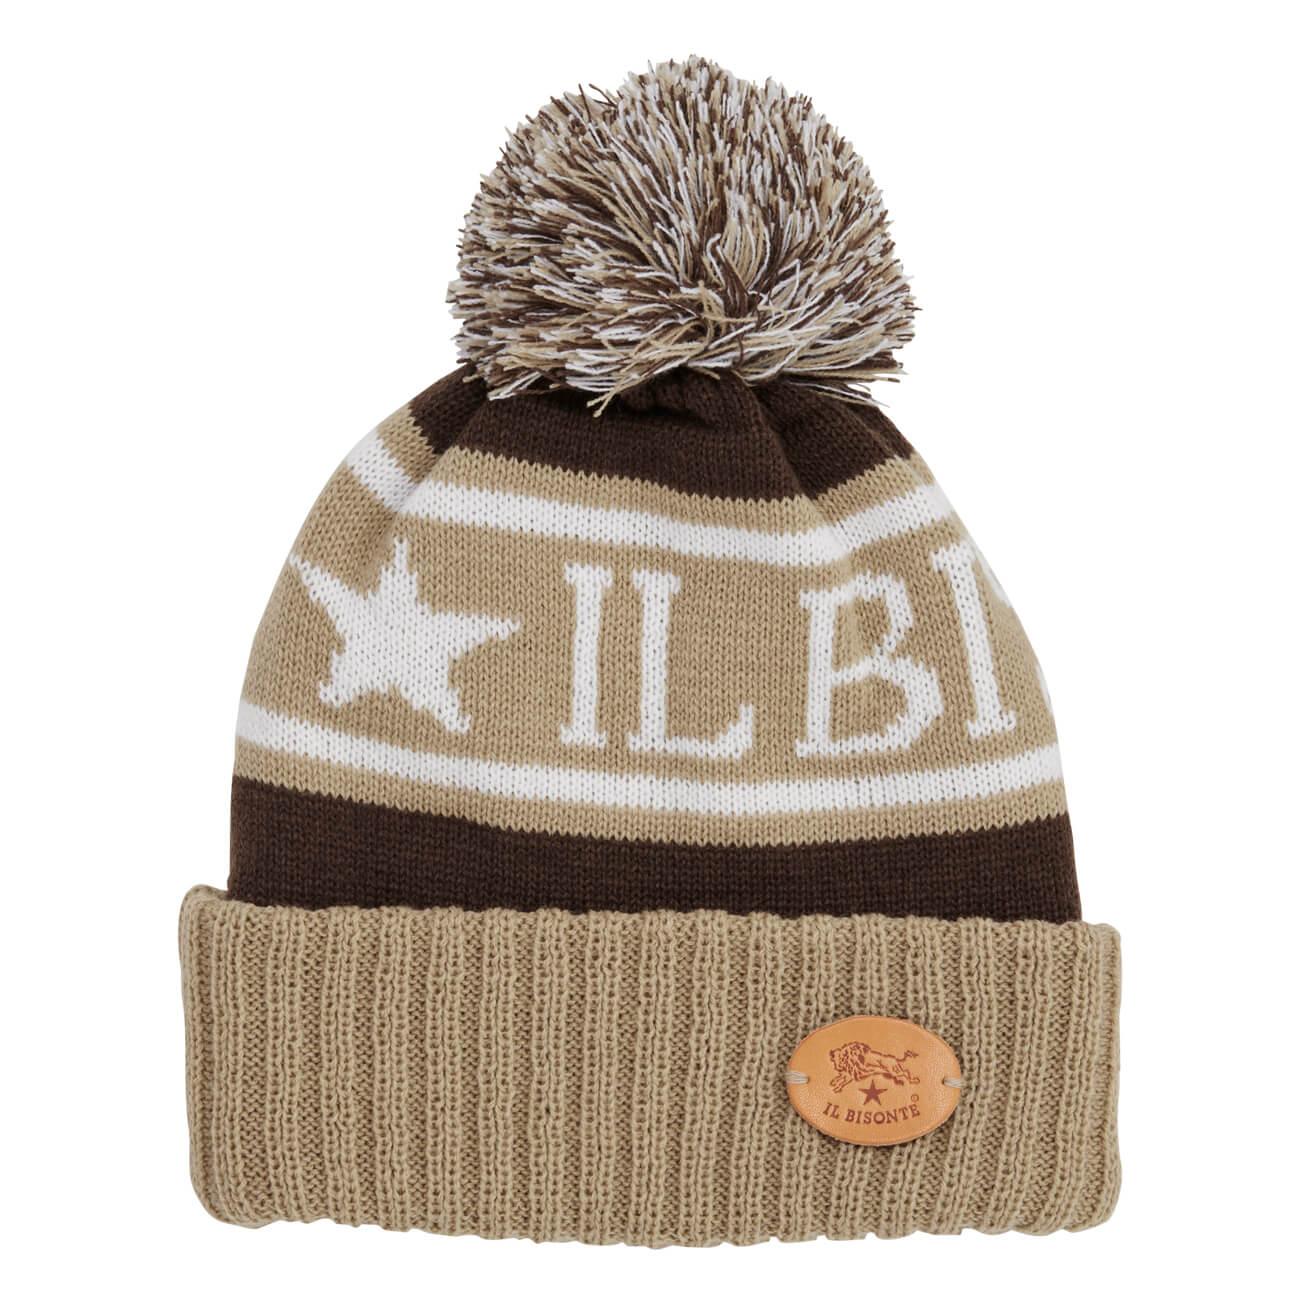 IL BISONTE (イル ビゾンテ) 日本公式オンラインストア ニット帽 54192309483